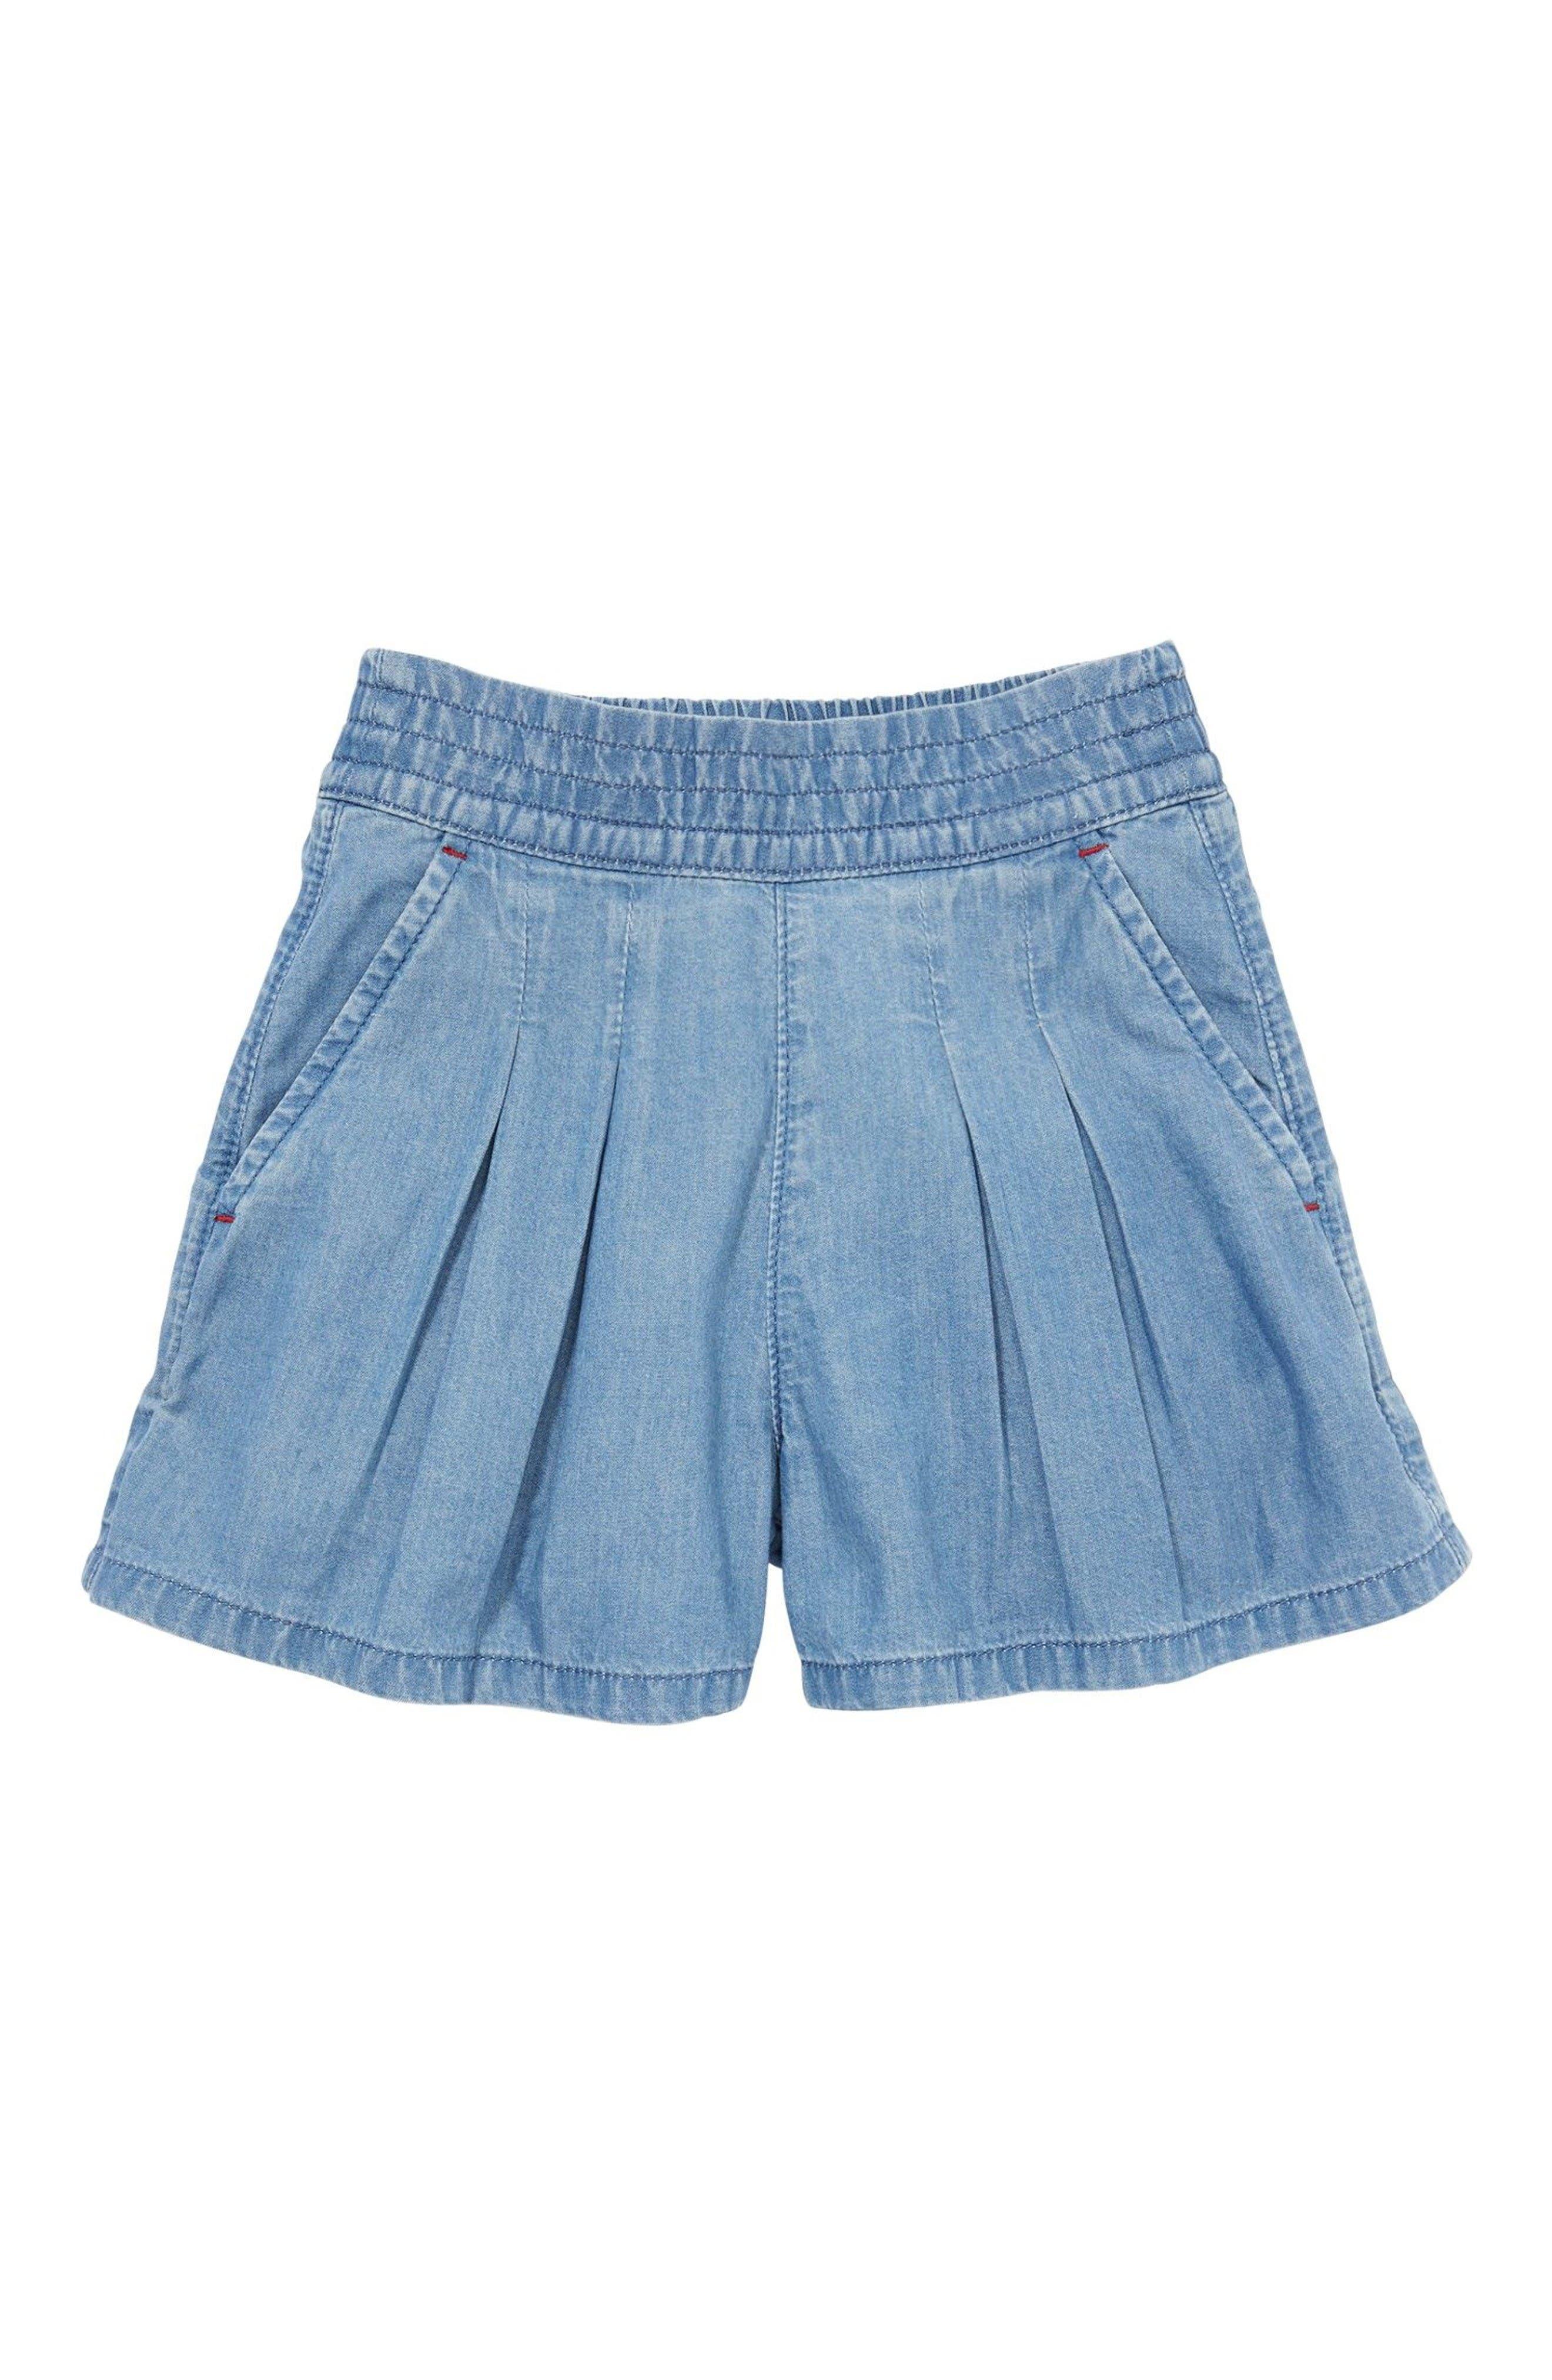 Mini Boden Pull-On Denim Shorts (Toddler Girls, Little Girls & Big Girls)